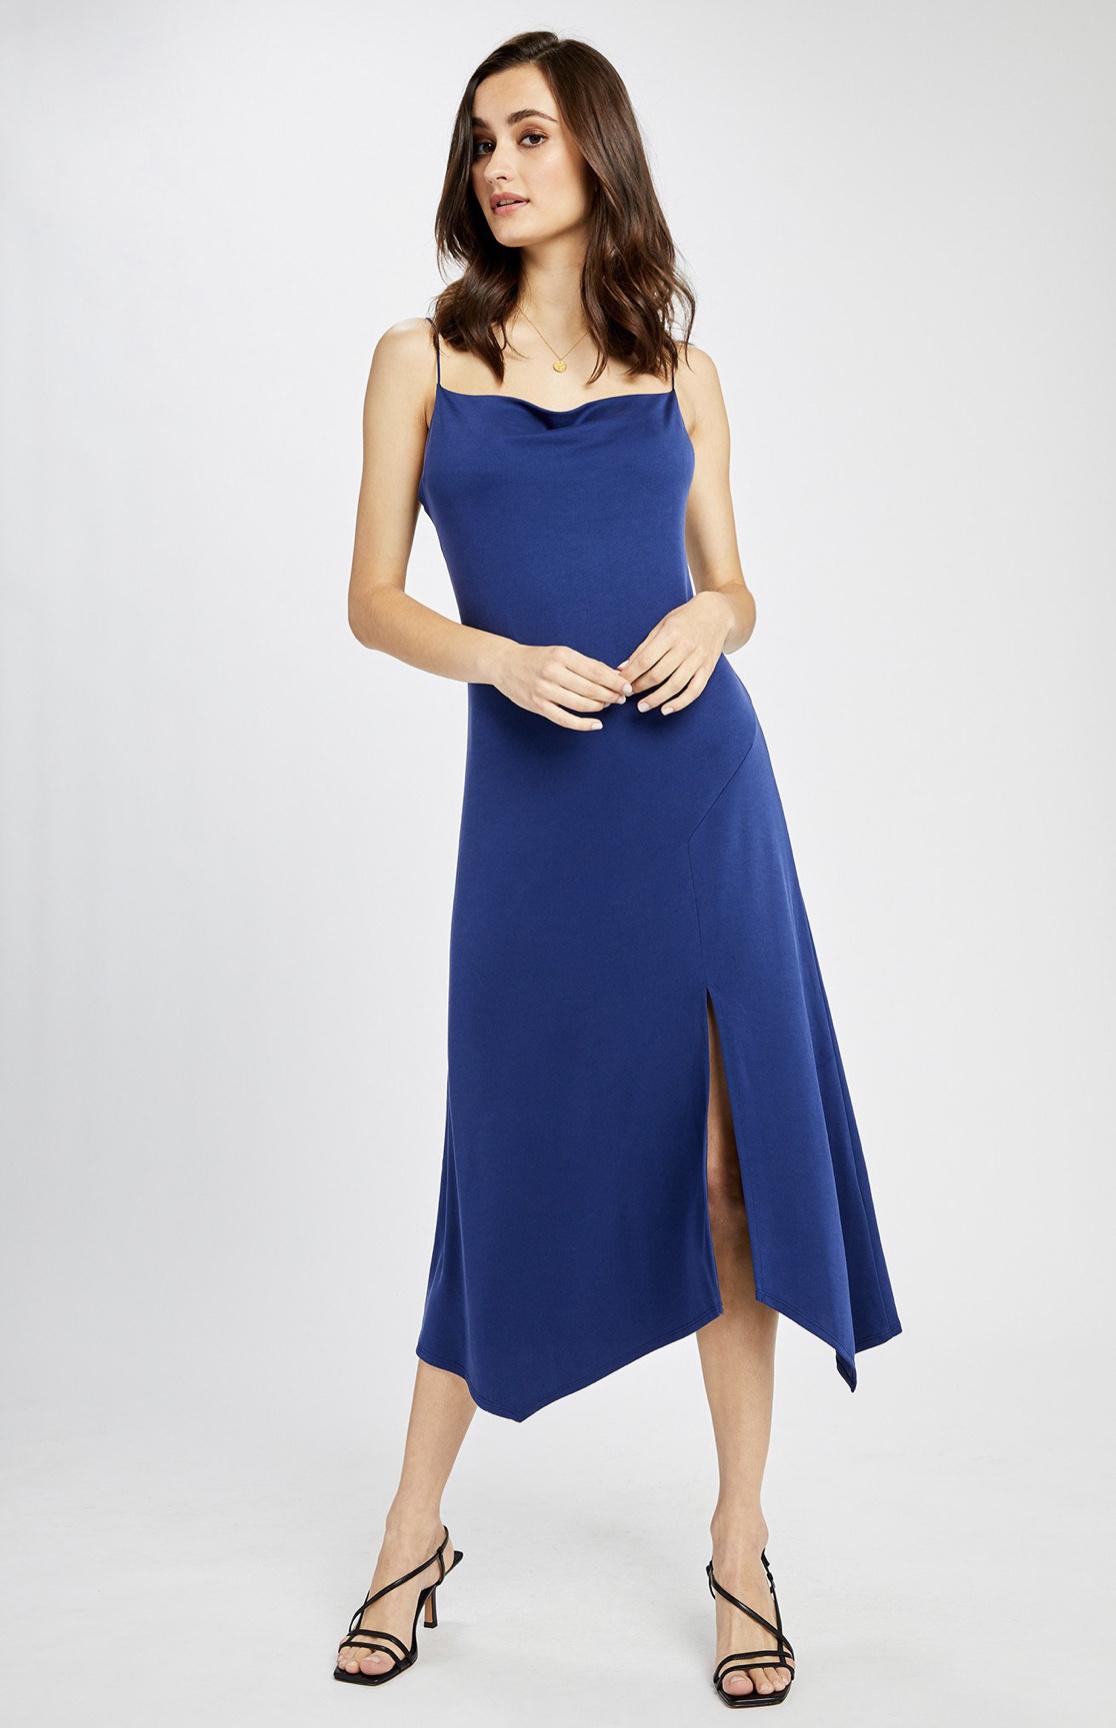 Gentlefawn Fria Dress